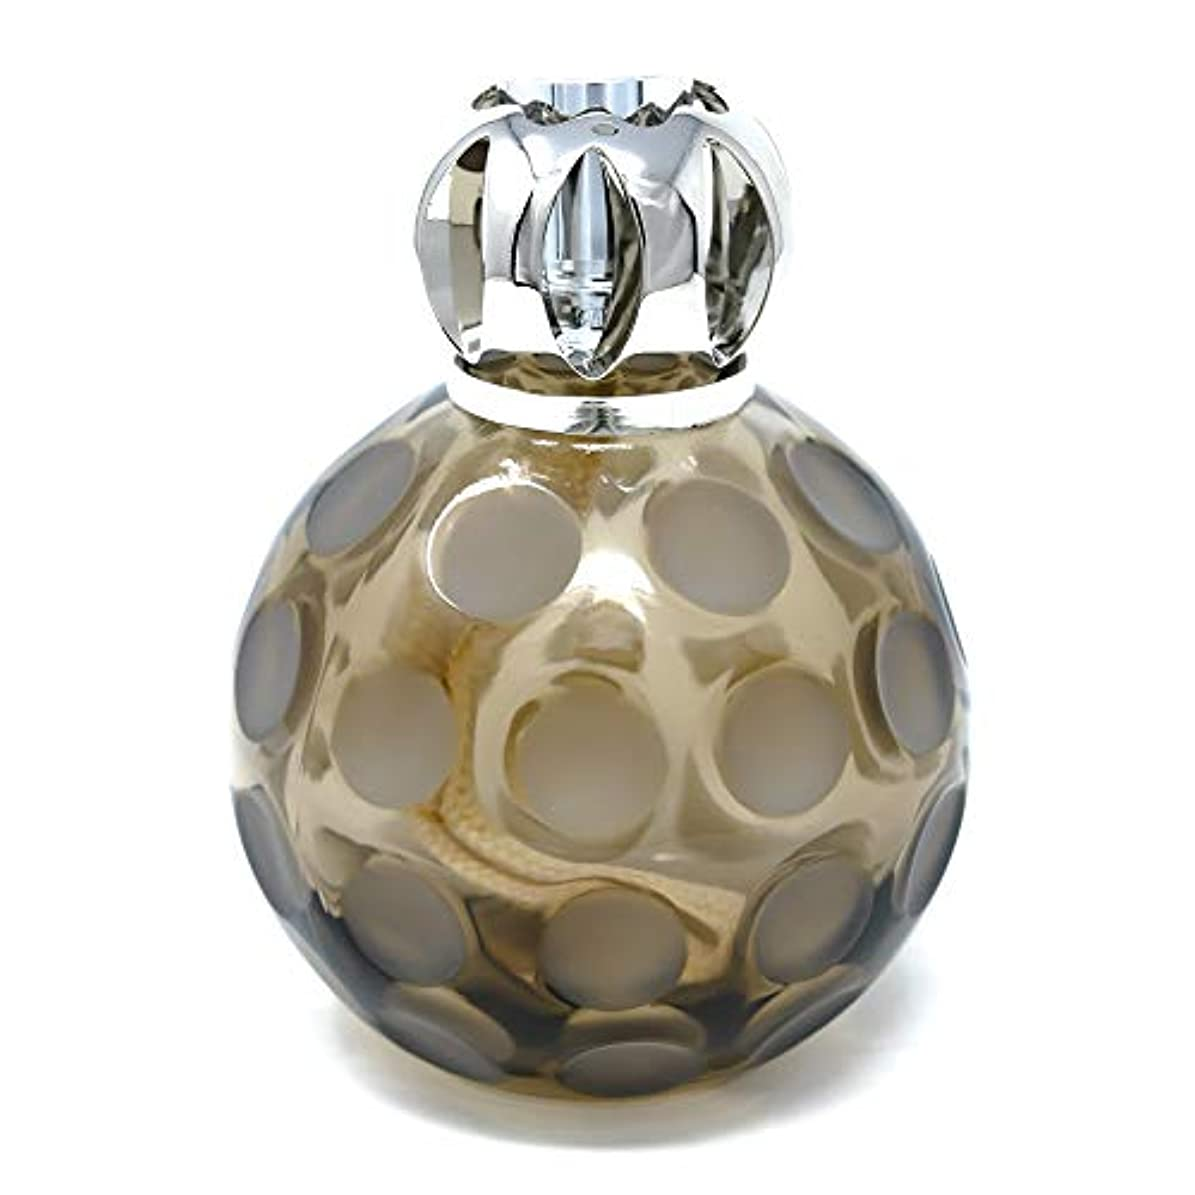 母音不満防腐剤Maison Berger | Lamp Bergerモデル球| Smoky | ホームフレグランスディフューザー | 浄化と香水 | 5x3x3.5インチ | フランス製